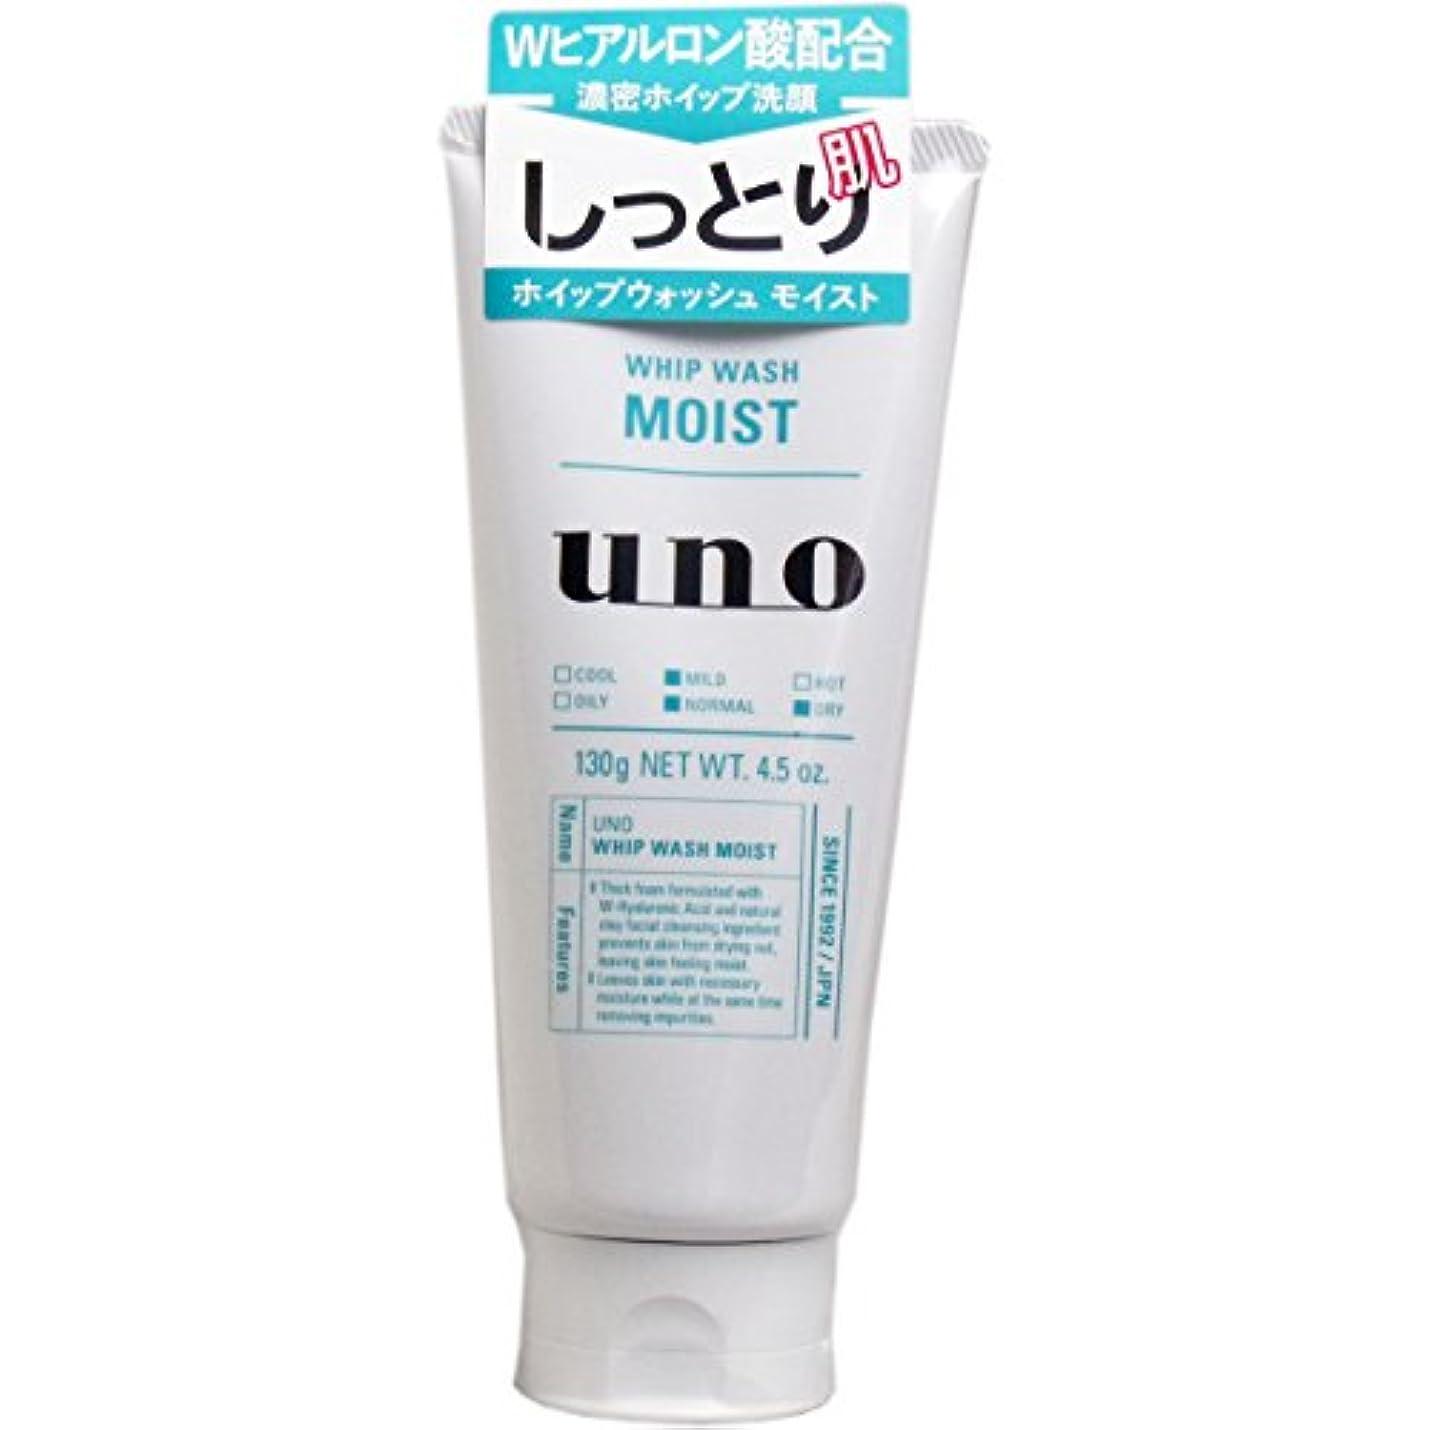 聡明フルーティー助けになる【資生堂】ウーノ(uno) ホイップウォッシュ (モイスト) 130g ×2個セット